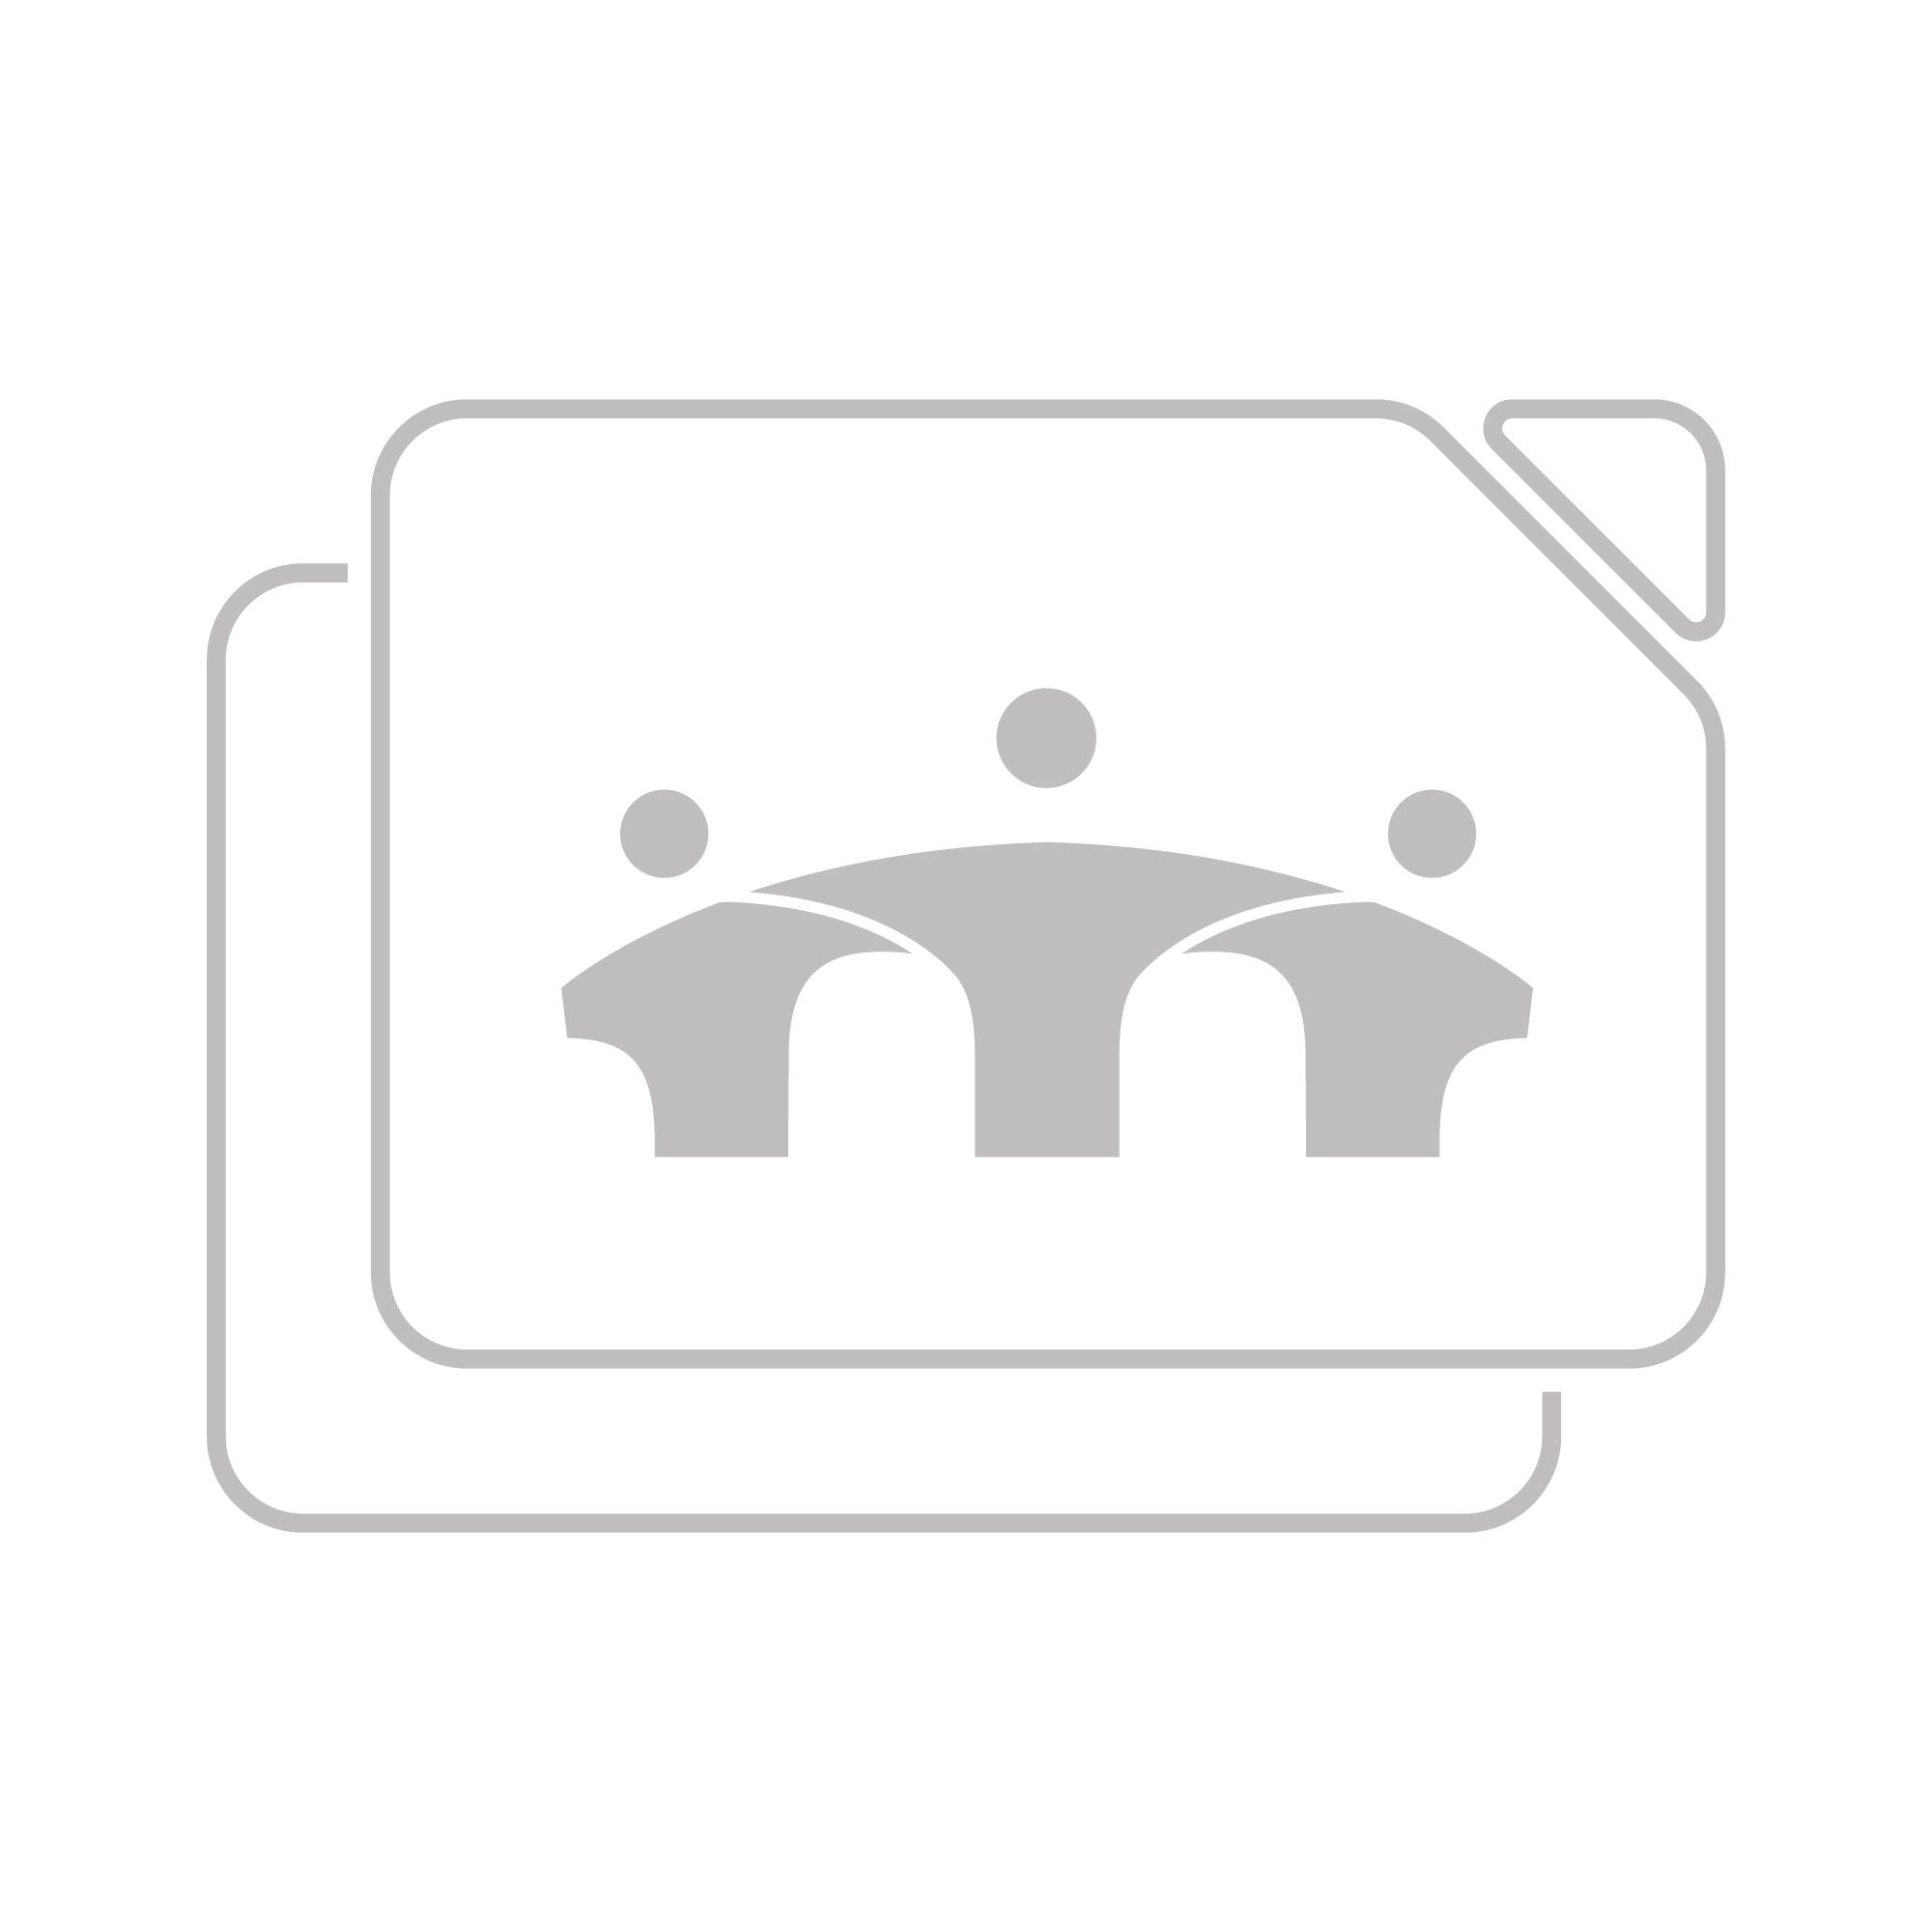 iStorage datAshur Pro 8GB